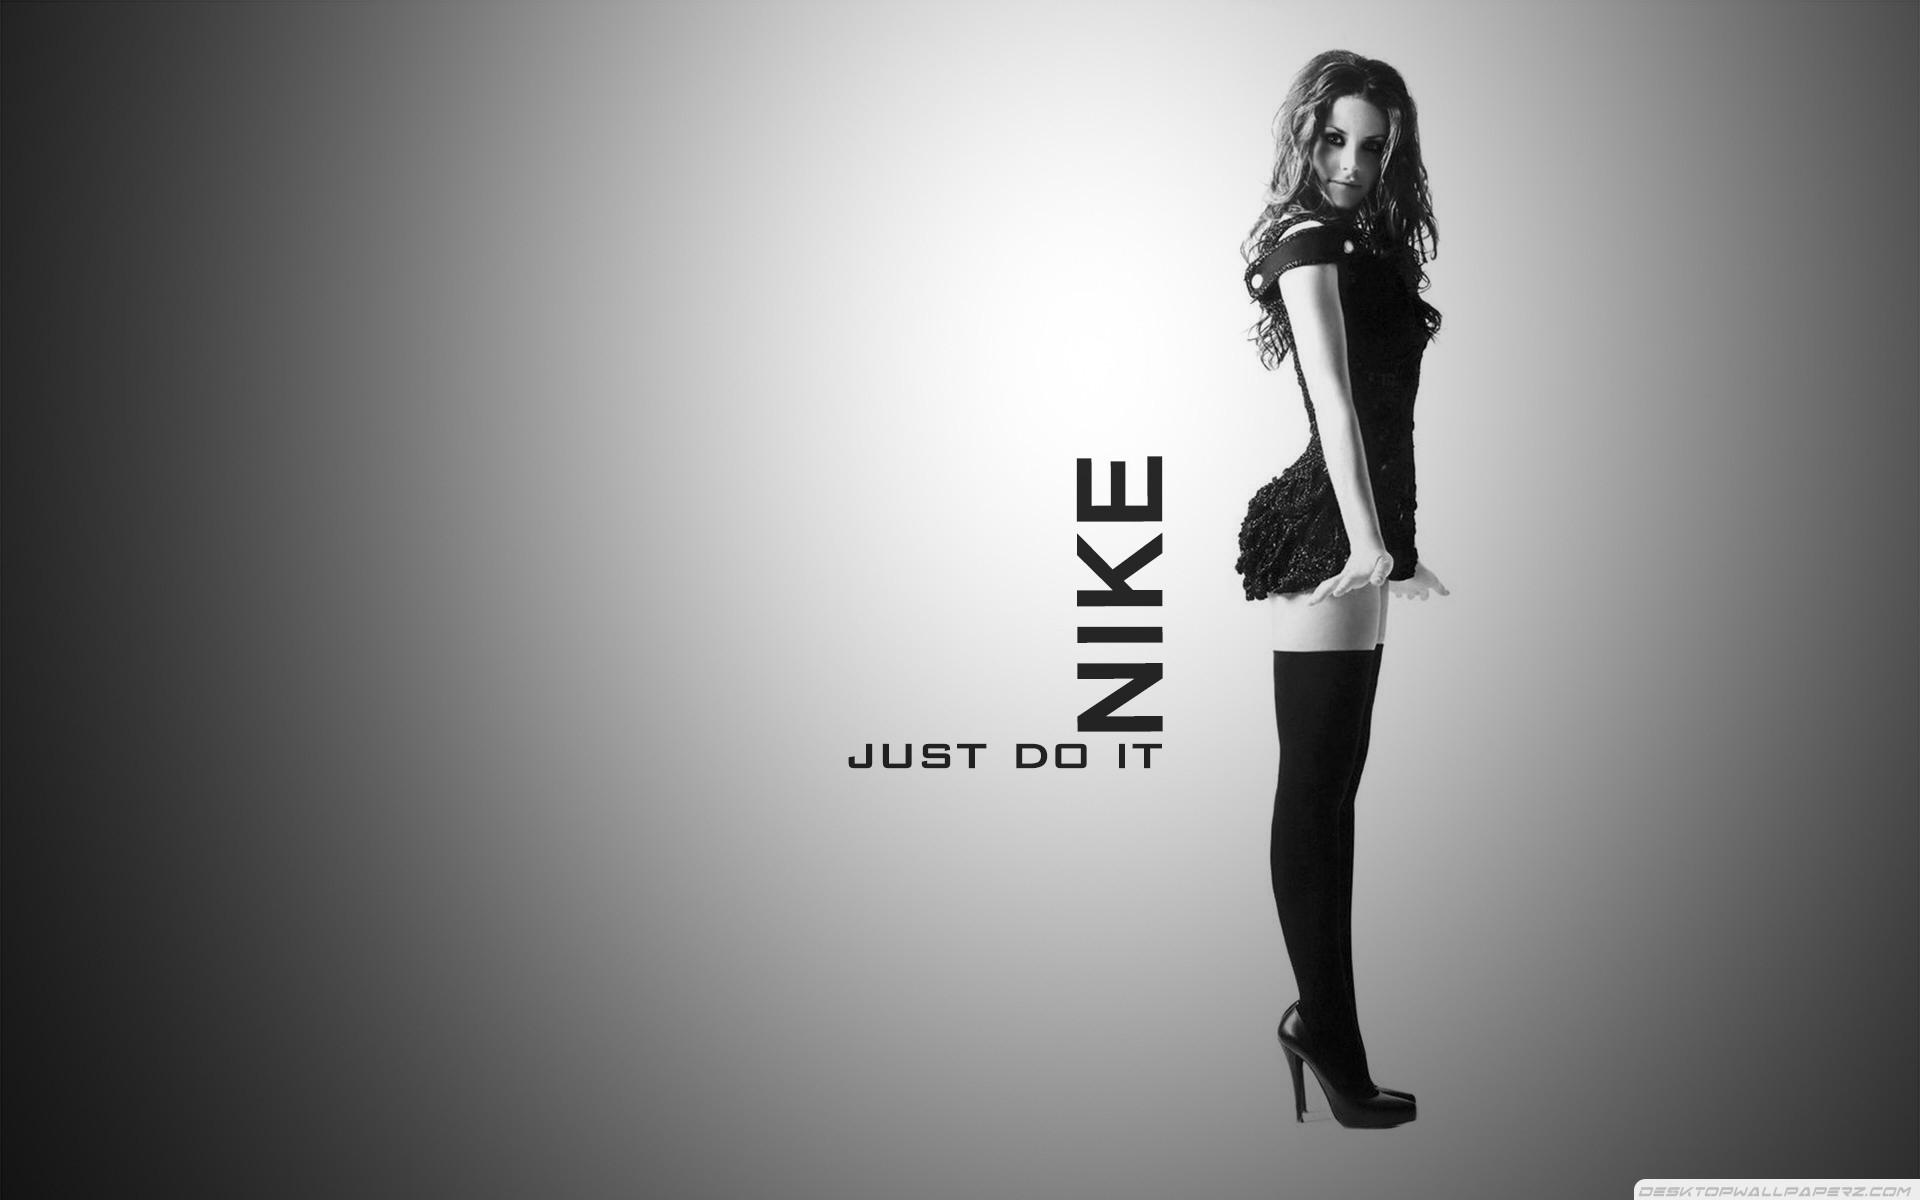 Nike(Just Do It) Wallpaper – WallSheets